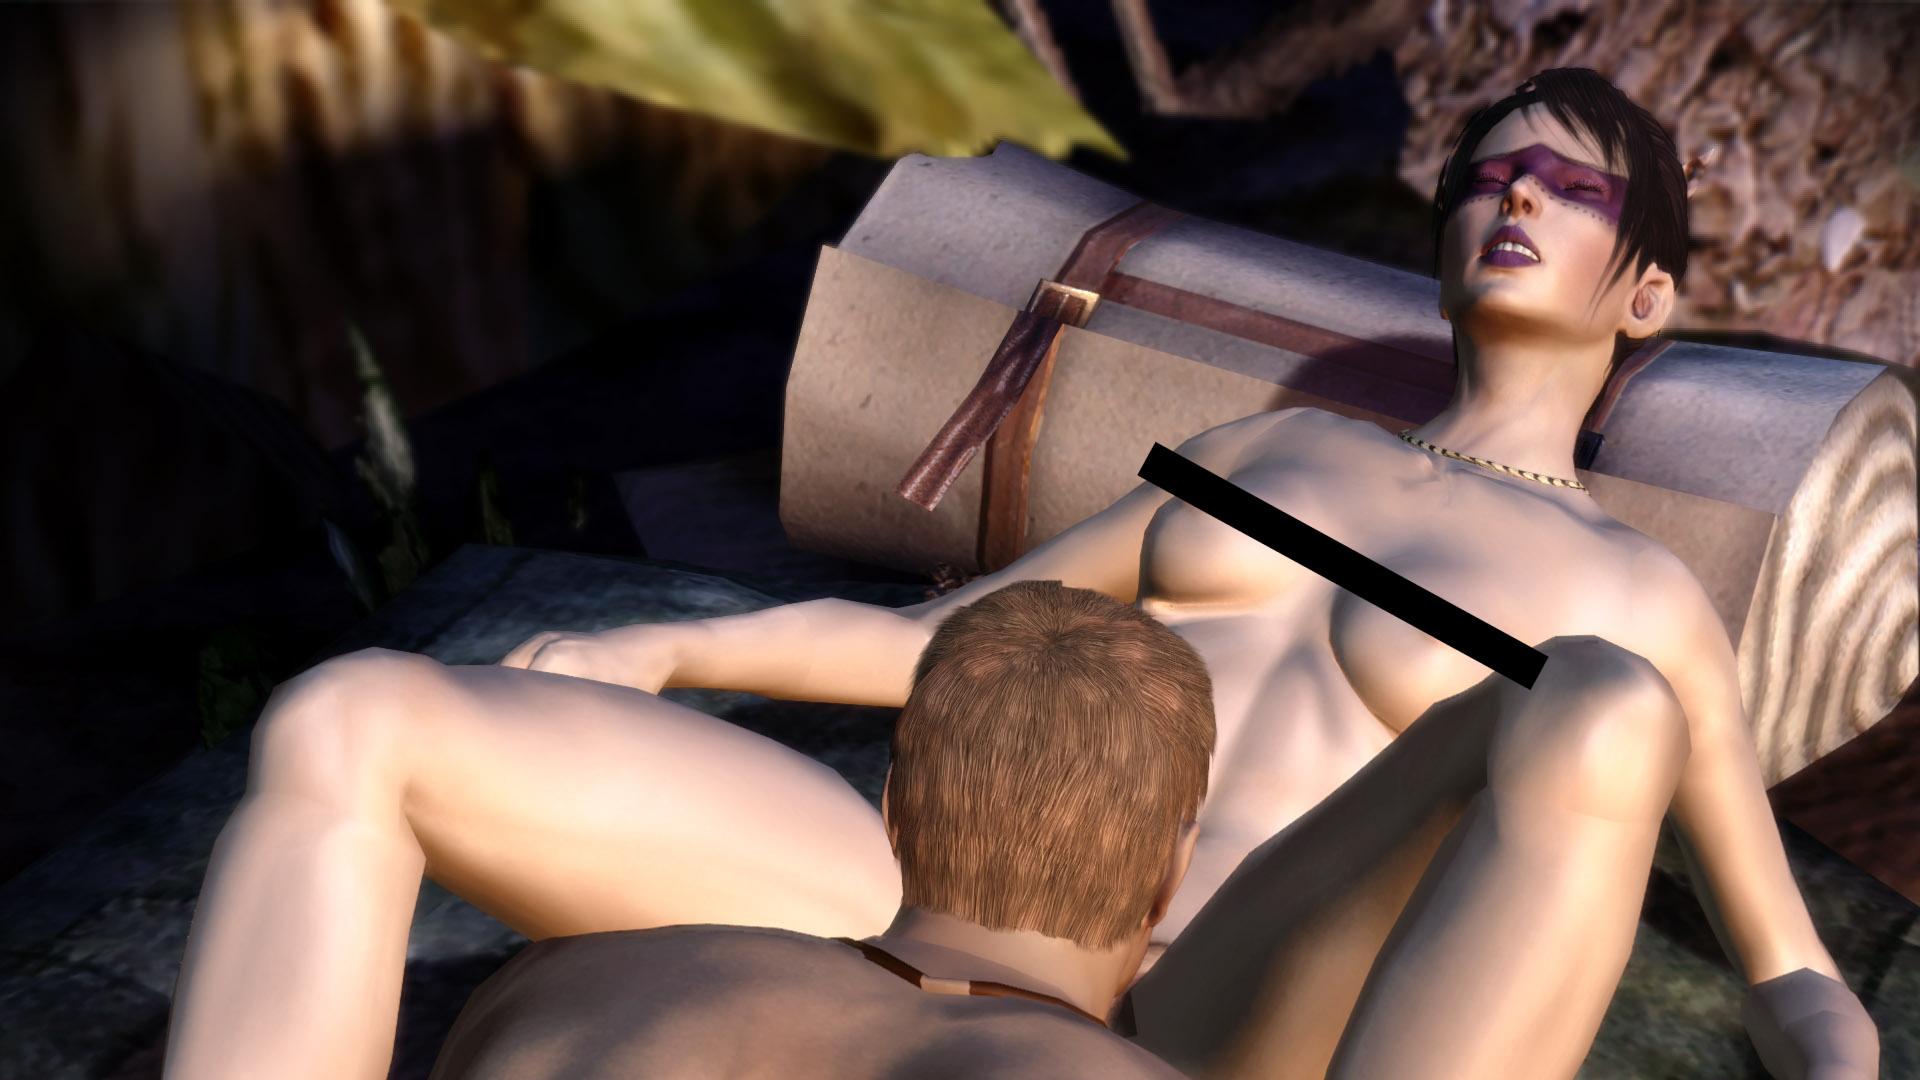 Dragon age origins gay sex nude mods fucks galleries